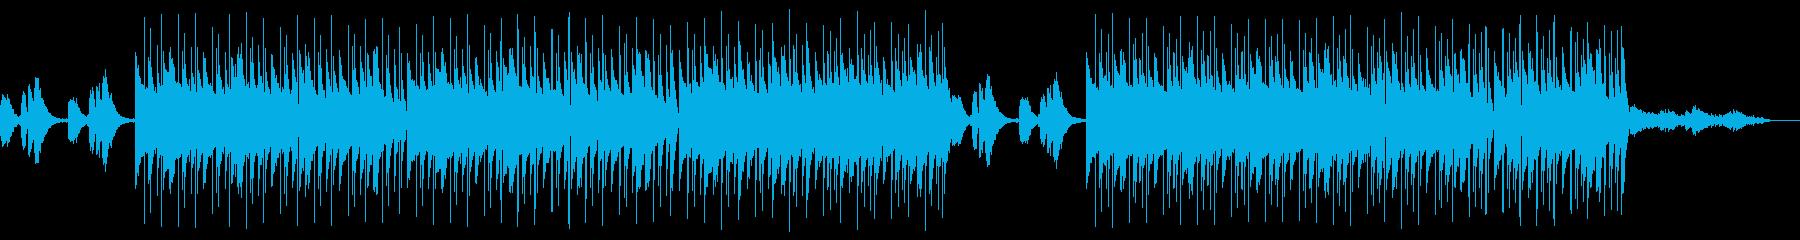 Lofi Hiphop 夕暮れのビーチの再生済みの波形